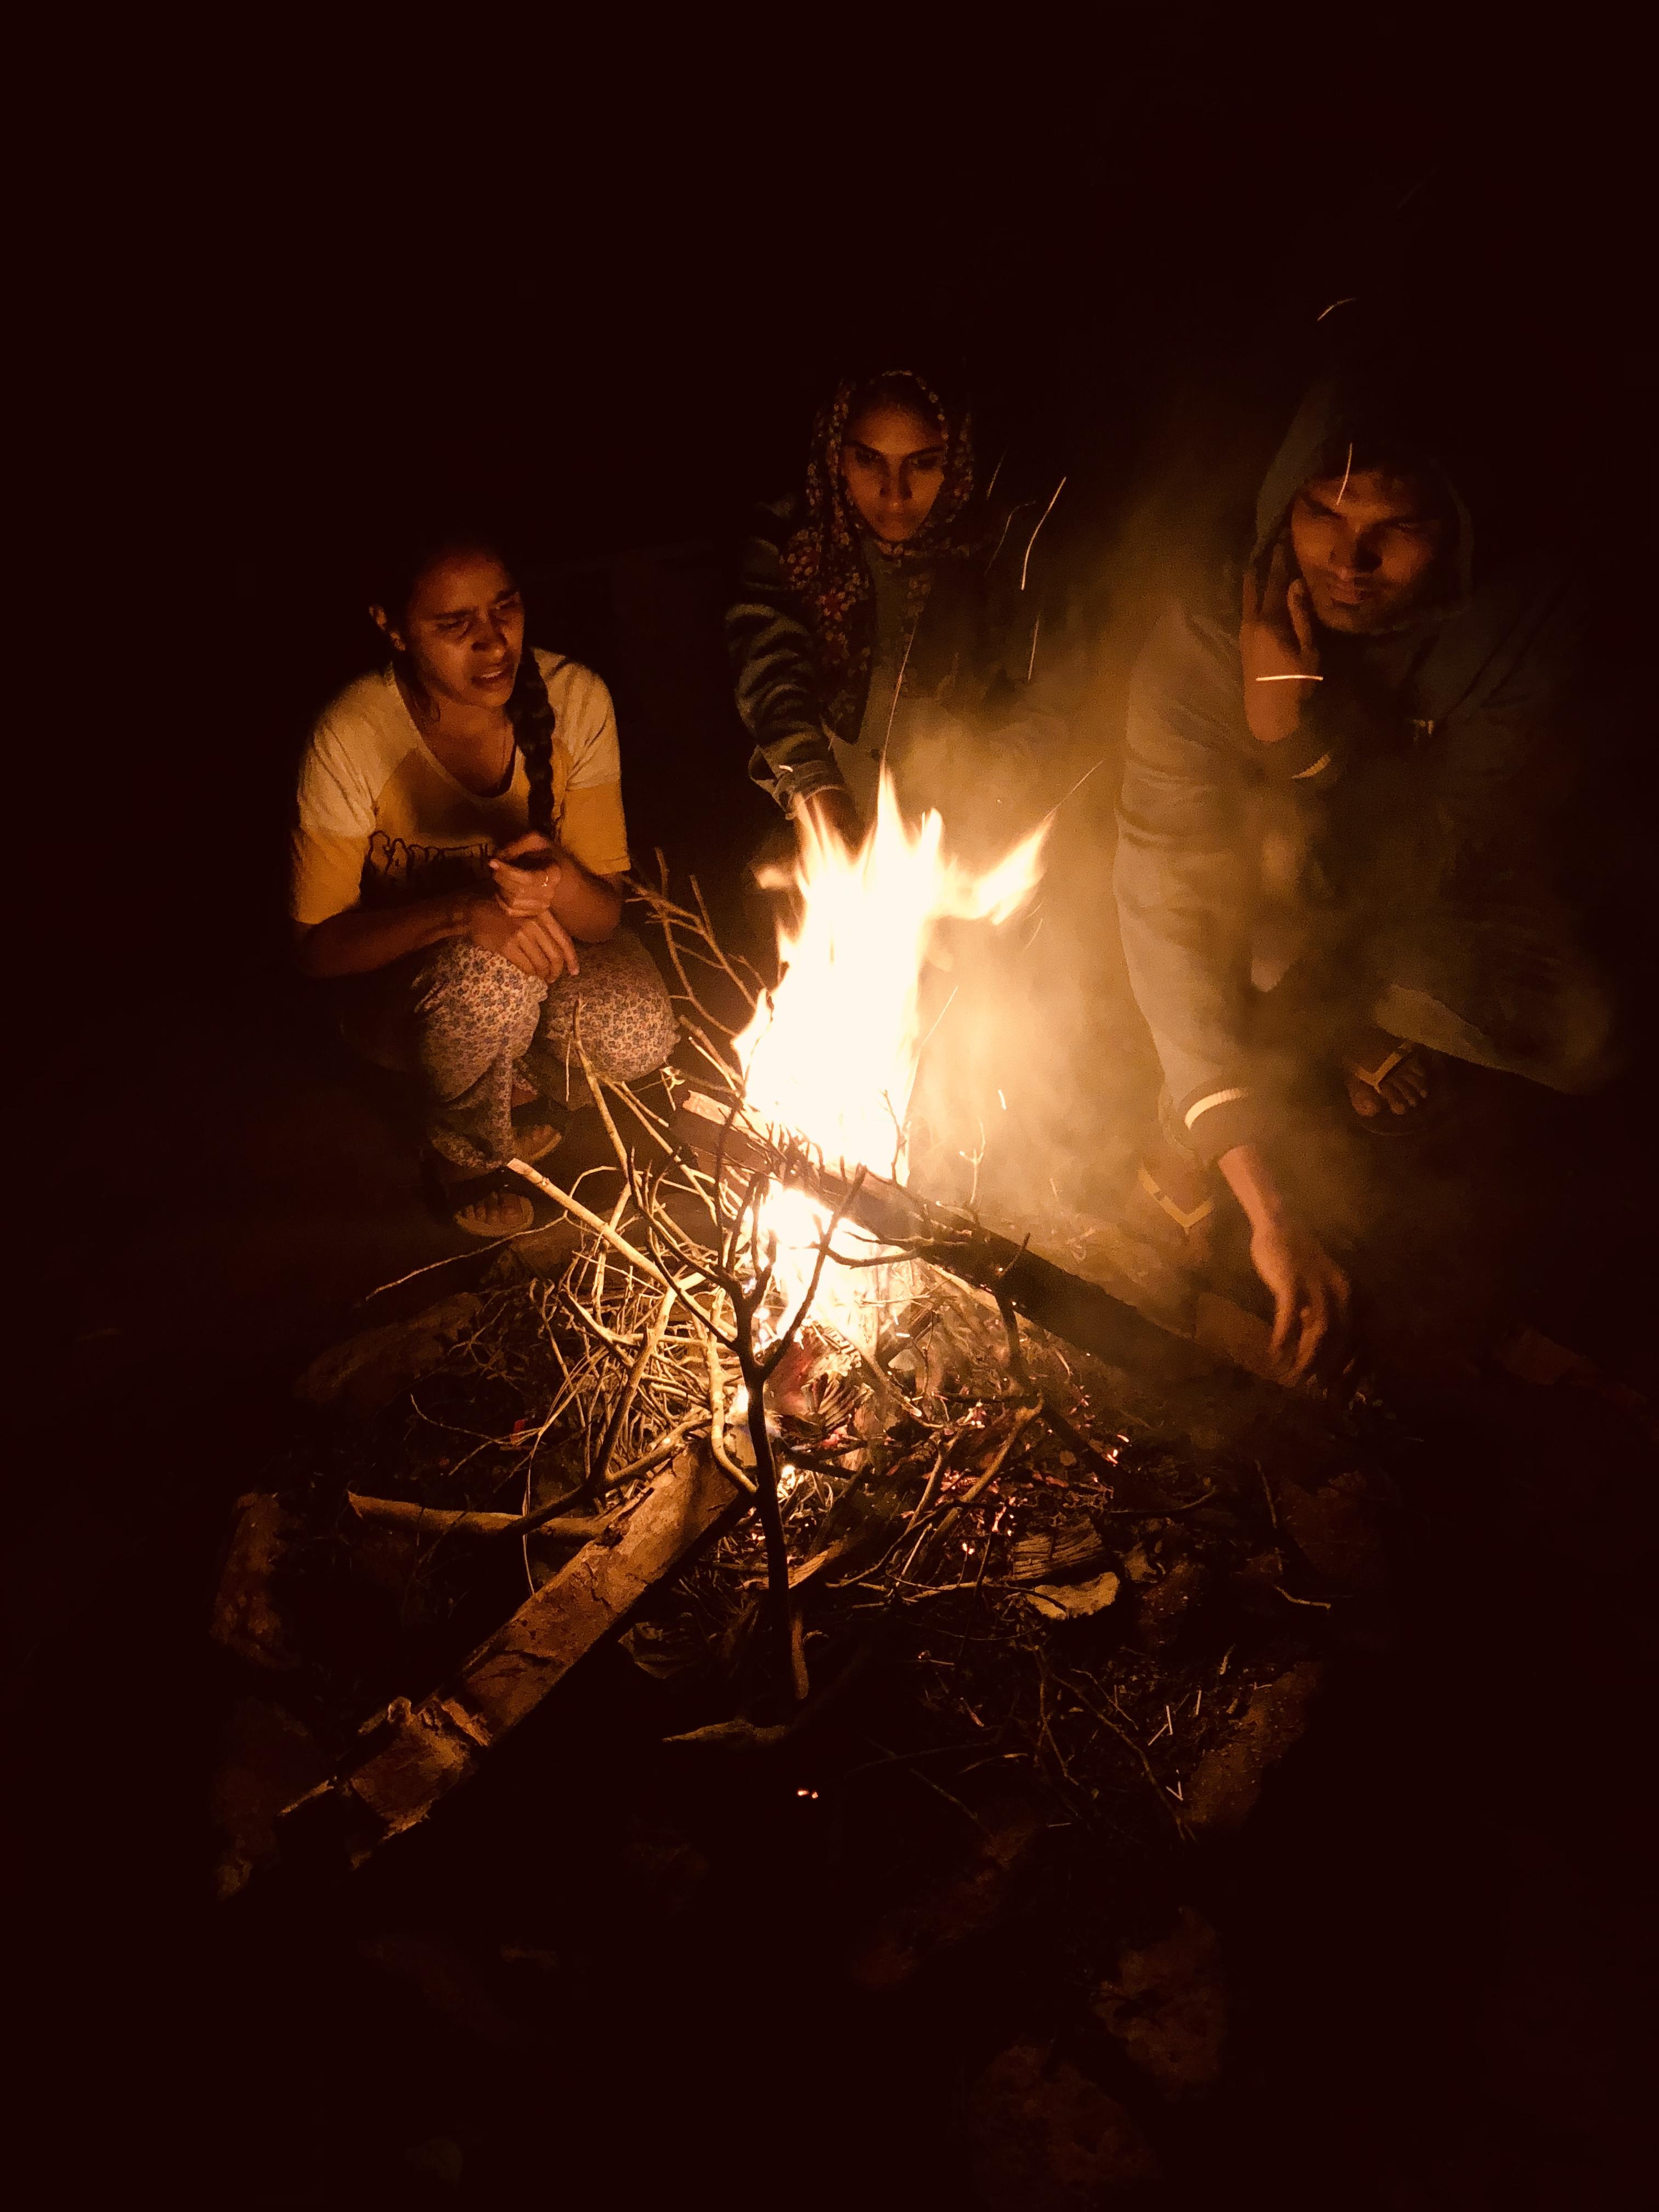 Camping at Ooty. Campfire